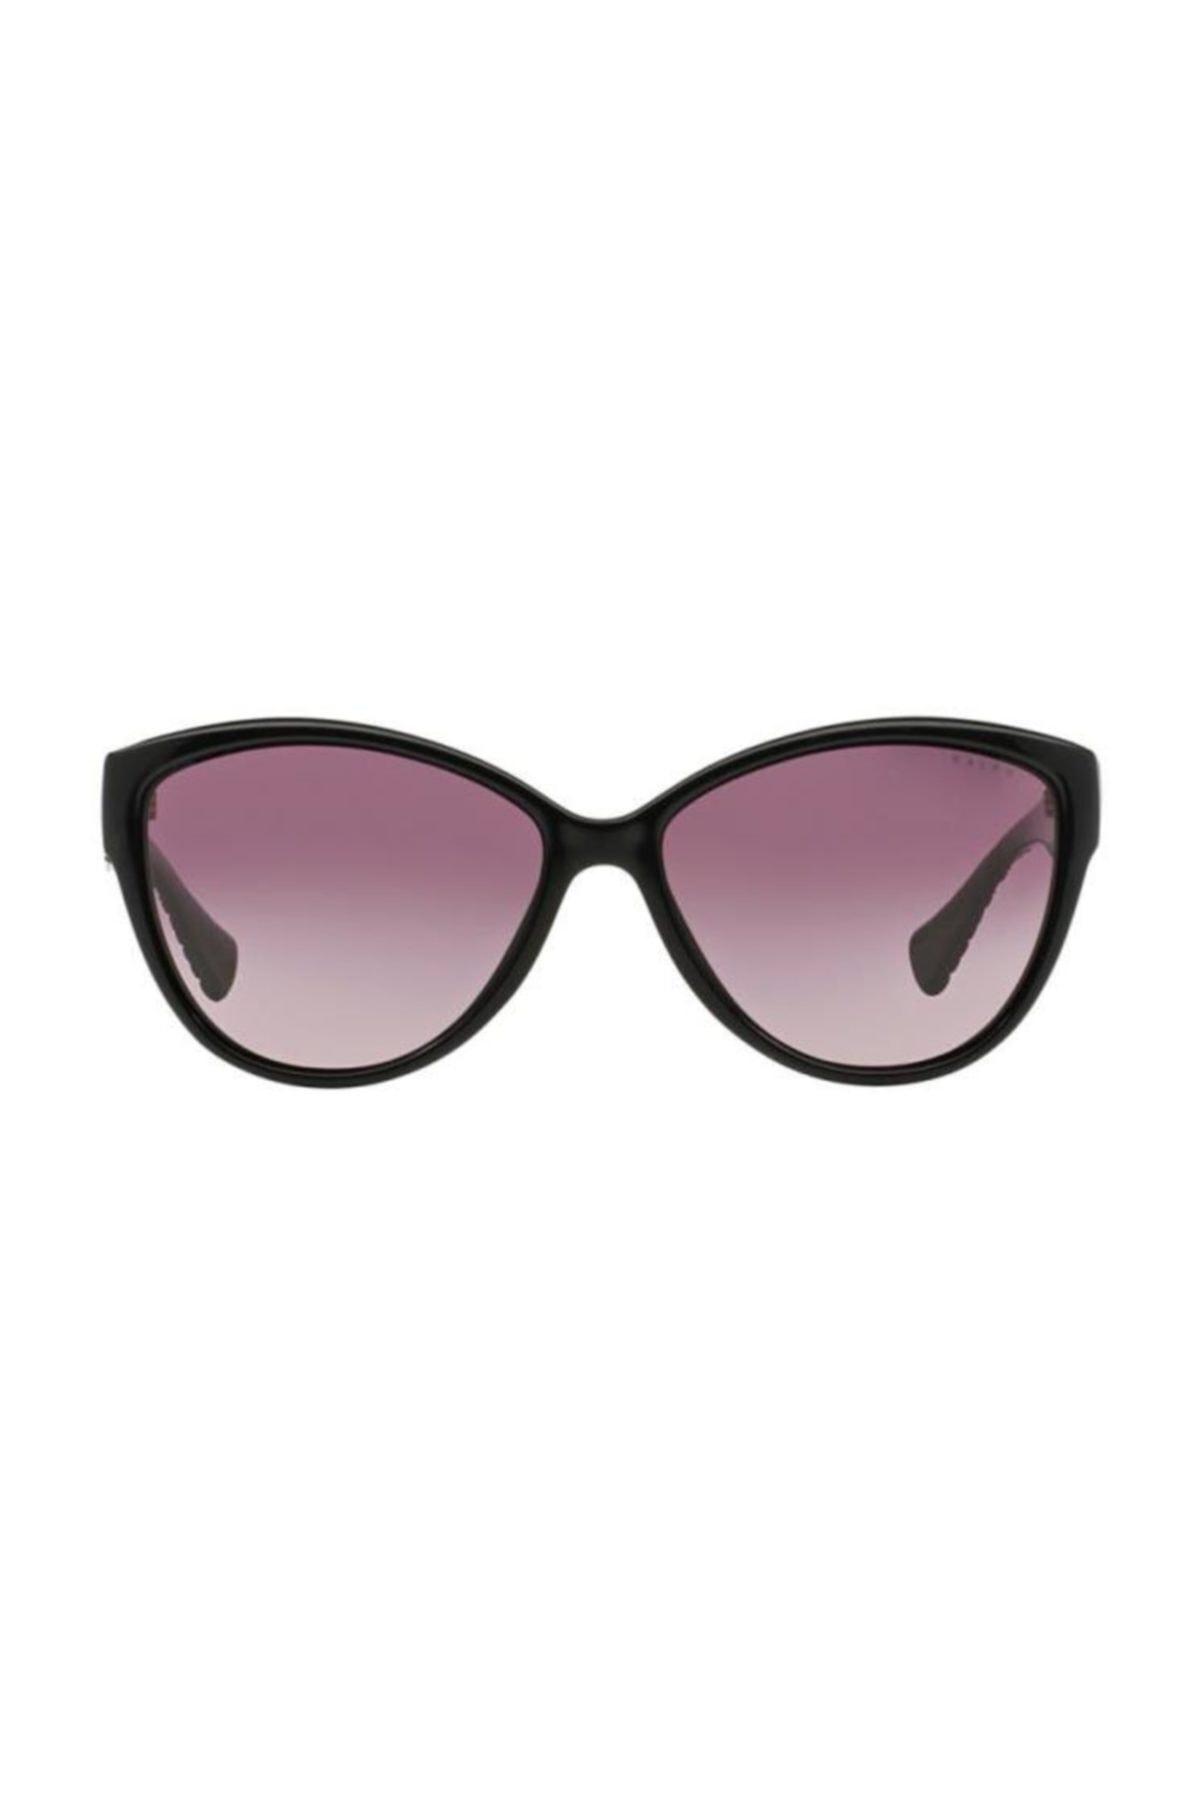 Ralph Lauren RA 5176 COL 501/8H 58-14-135 Kadın Güneş Gözlüğü 2